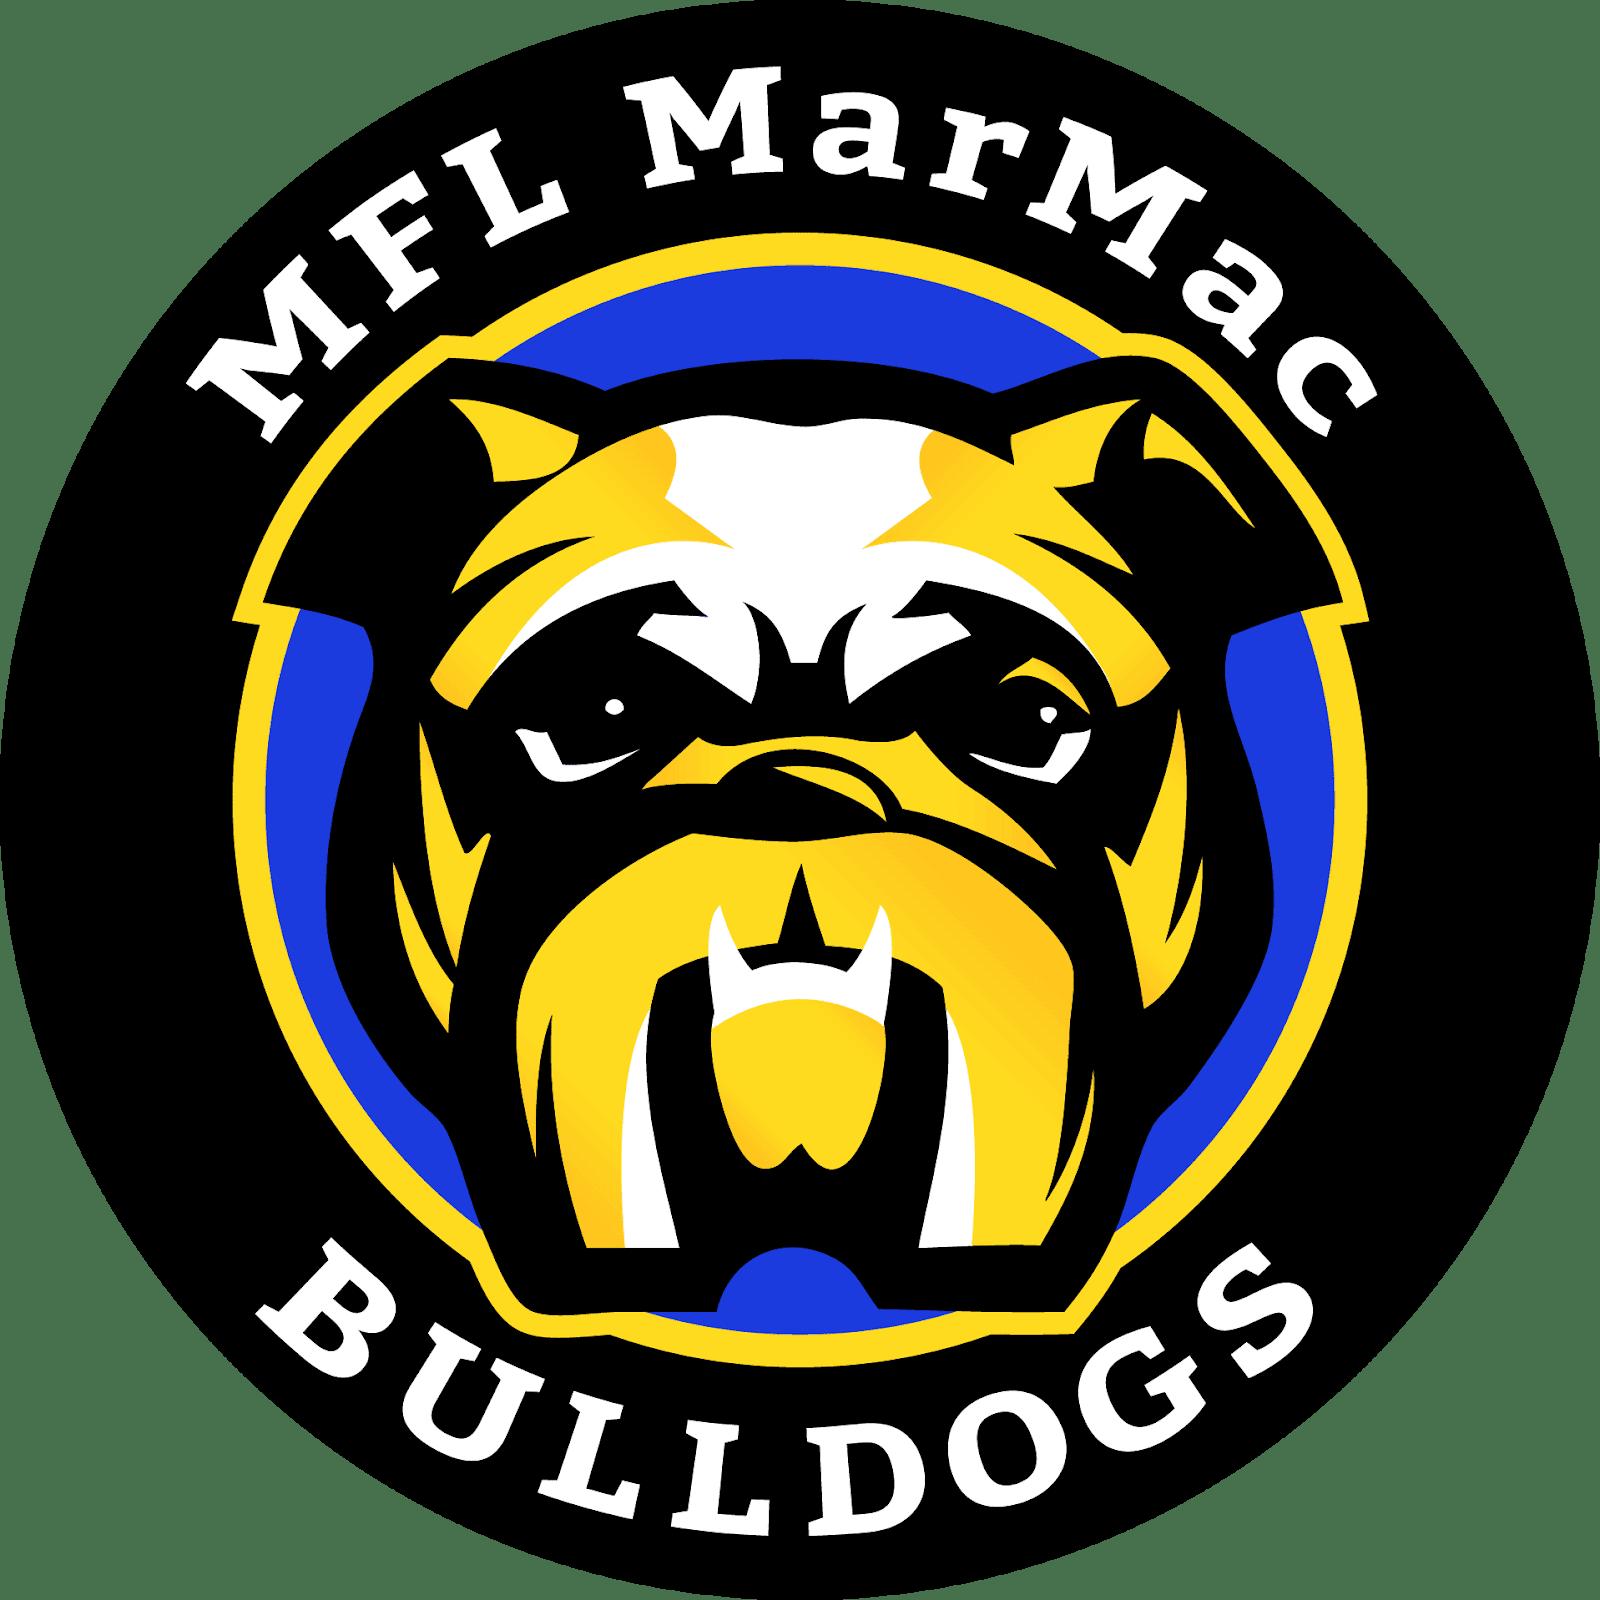 4-Color MFL MarMac Logo